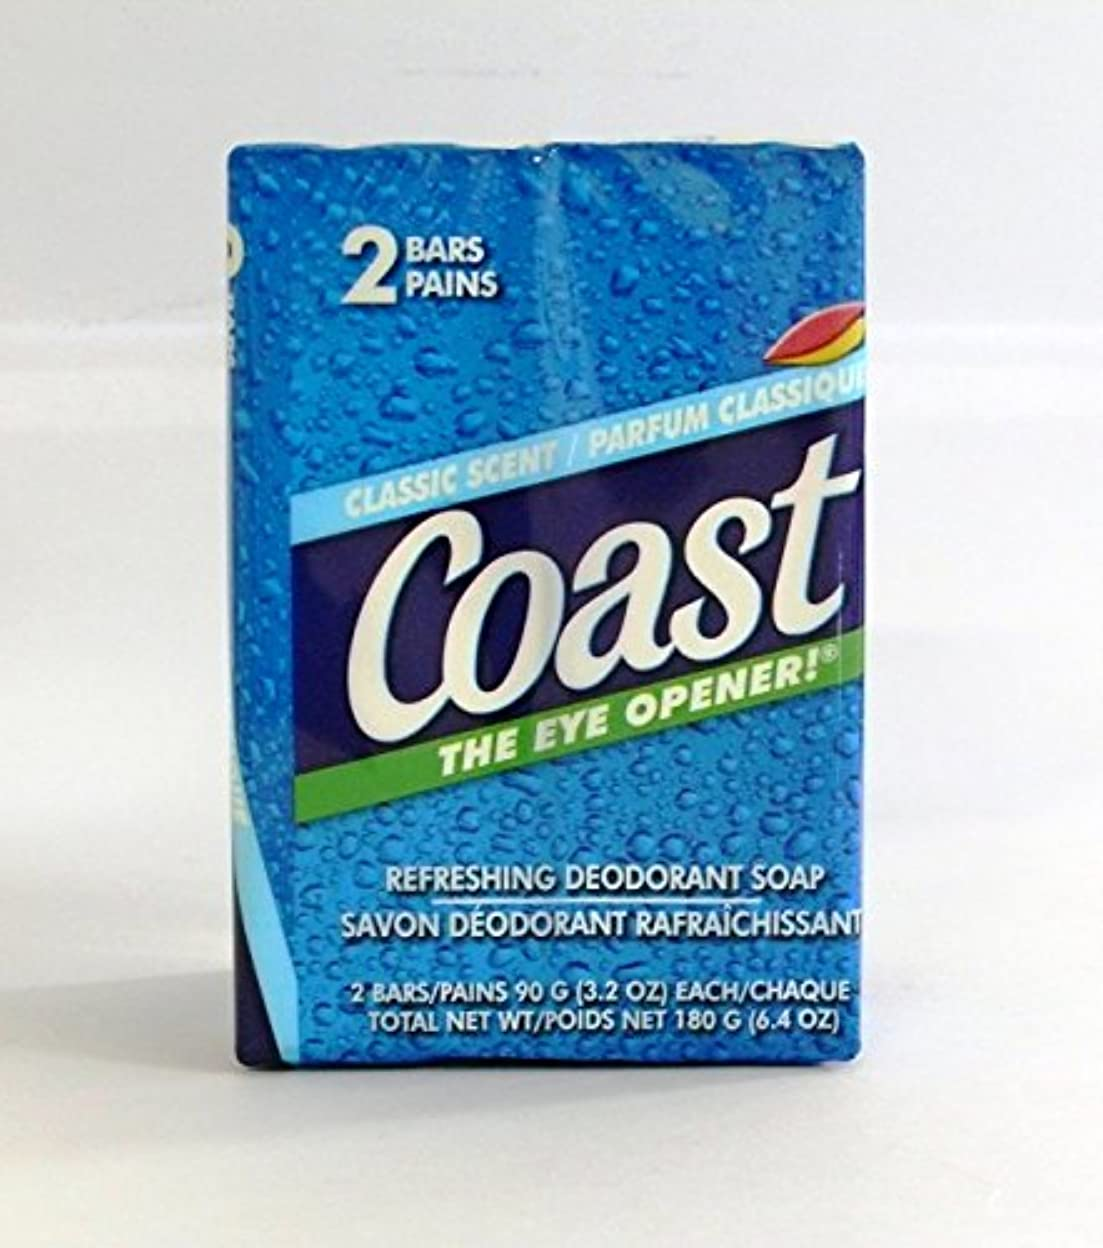 対処する製造業スロベニアコースト 固形石鹸 クラシックセント 90g 2個入